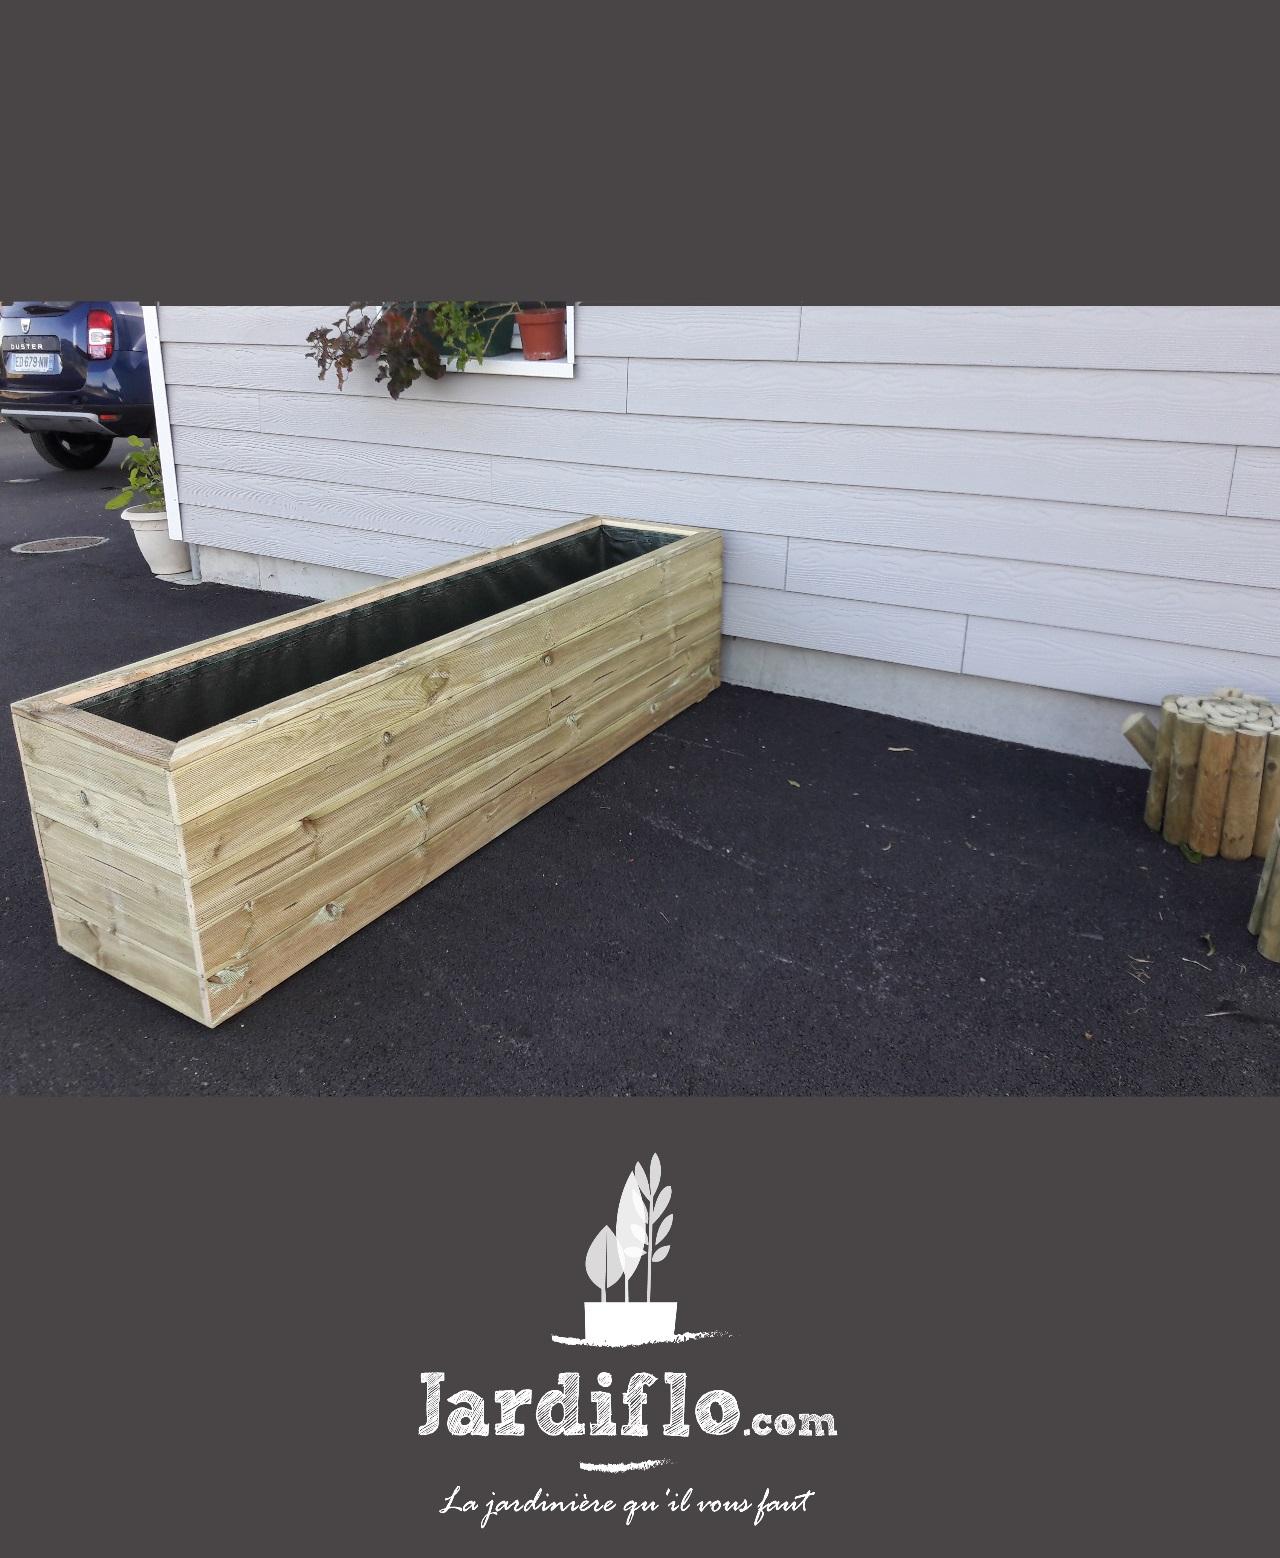 Jardini re rectangulaire en bois 210x50x50 330l standard - Jardiniere xxl ...